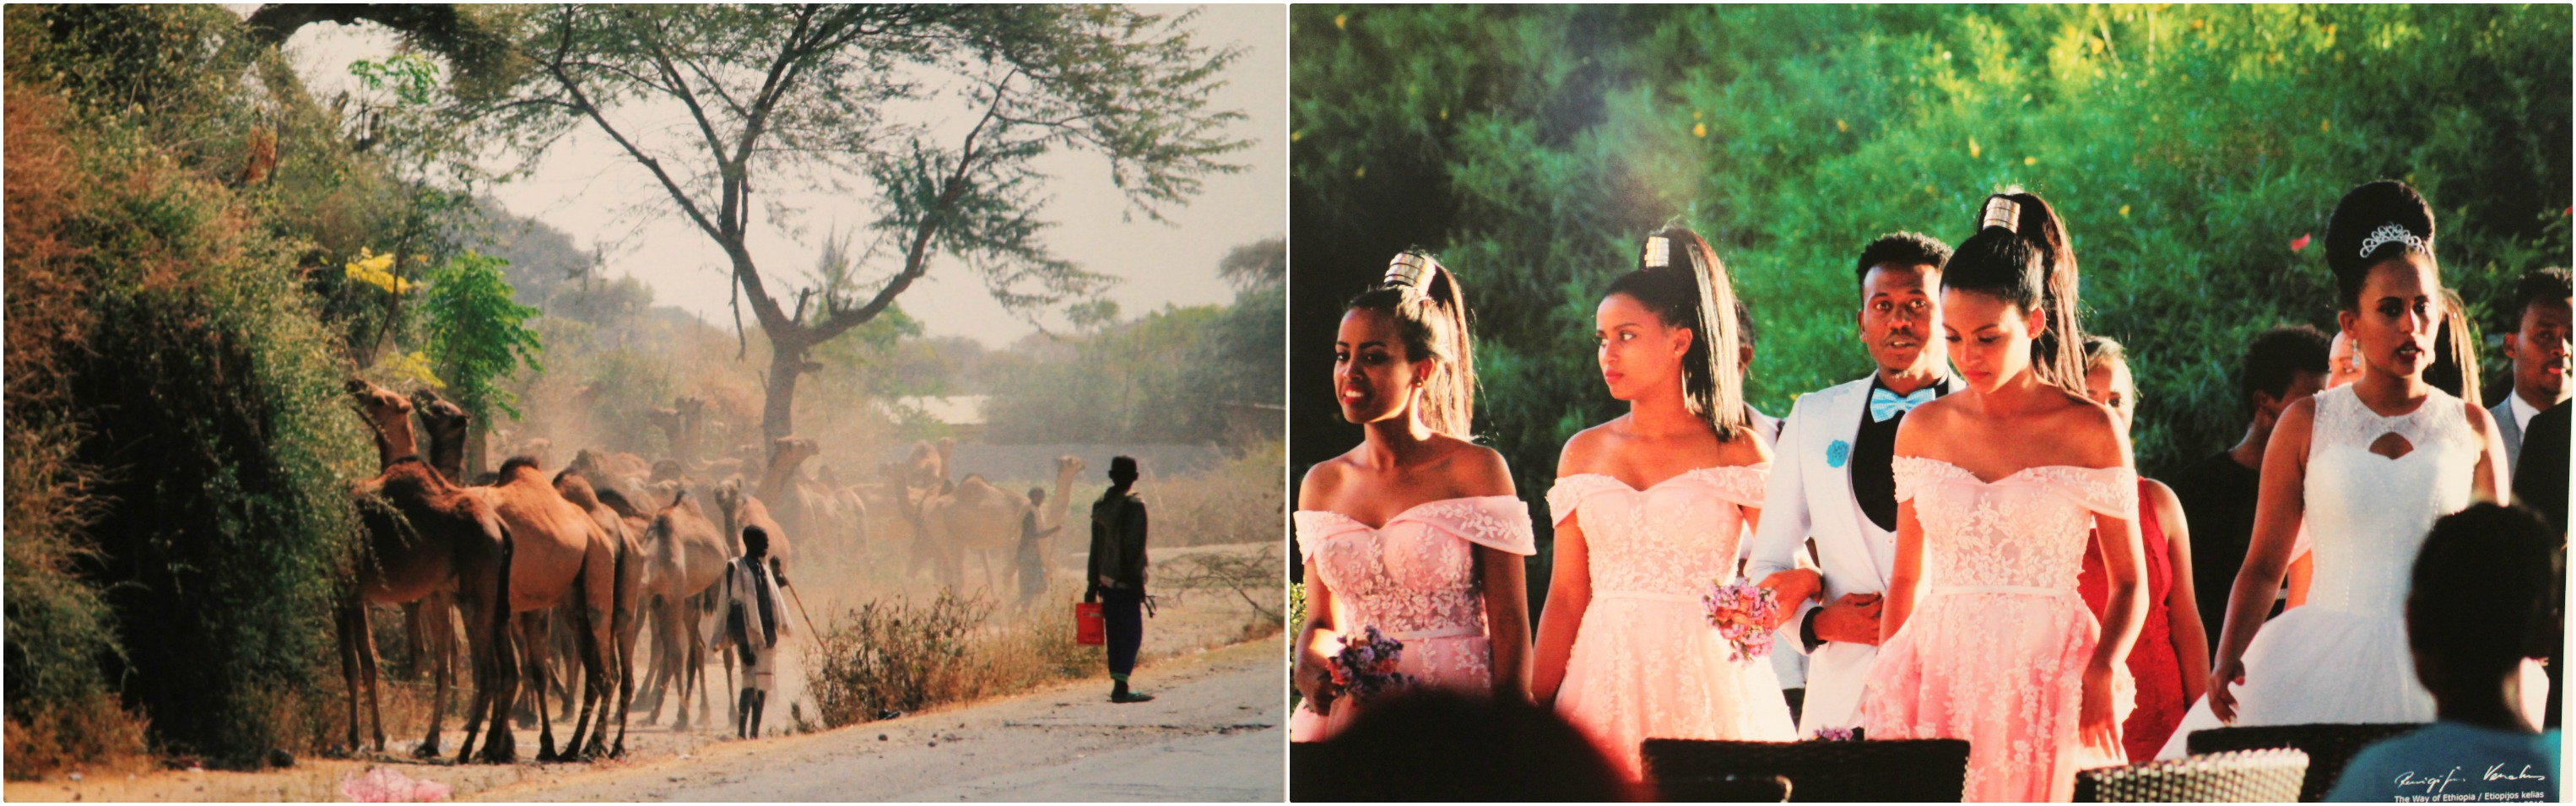 Visiškai kitas pasaulis: fotografijose – vestuvių šventės ir kasdienio gyvenimo akimirkos, kupranugarių kaimenės, praeivių veidai ir jų žvilgsniai.